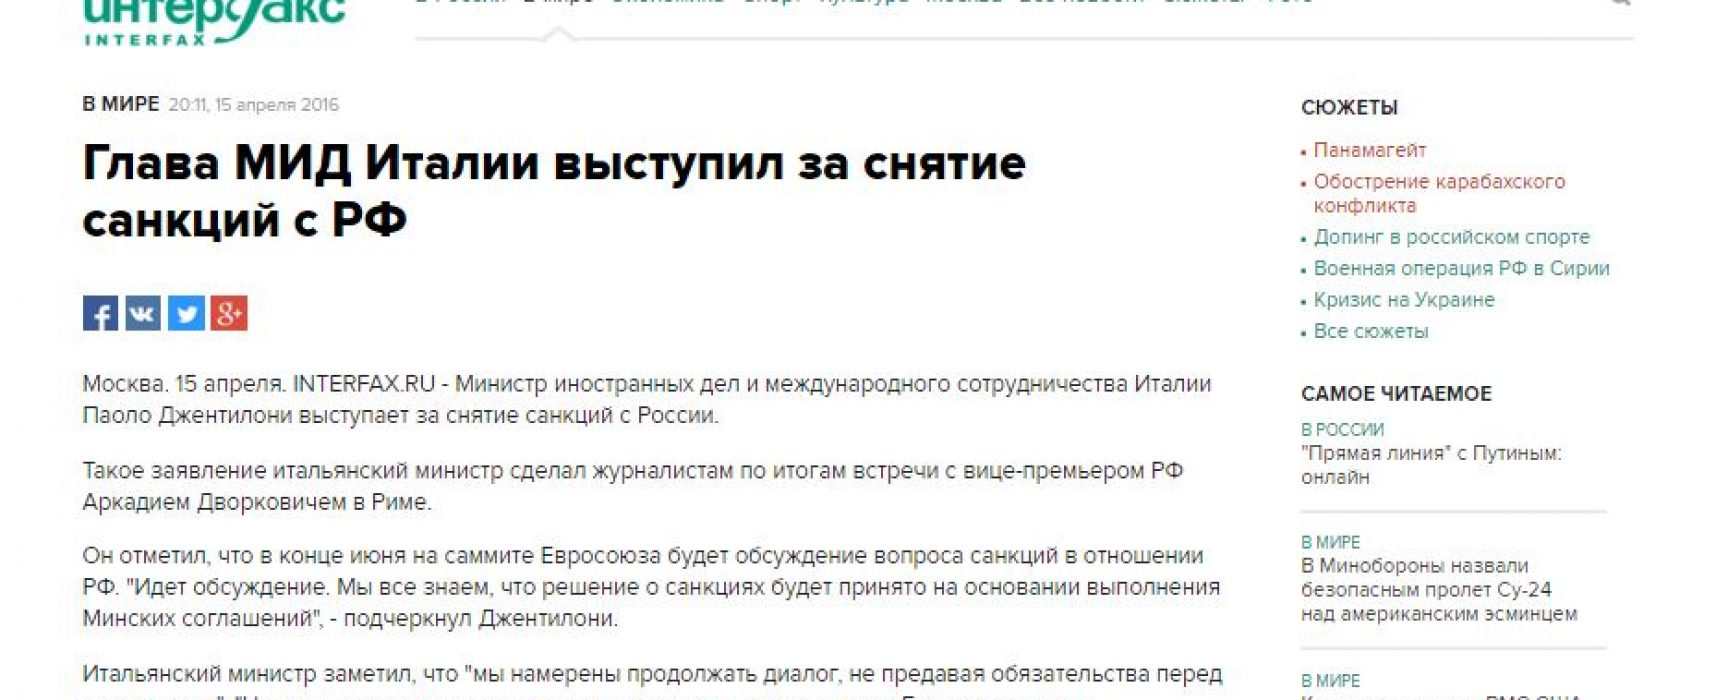 Los medios de comunicación rusos distorsionaron la declaración del MAE de Italia sobre las sanciones